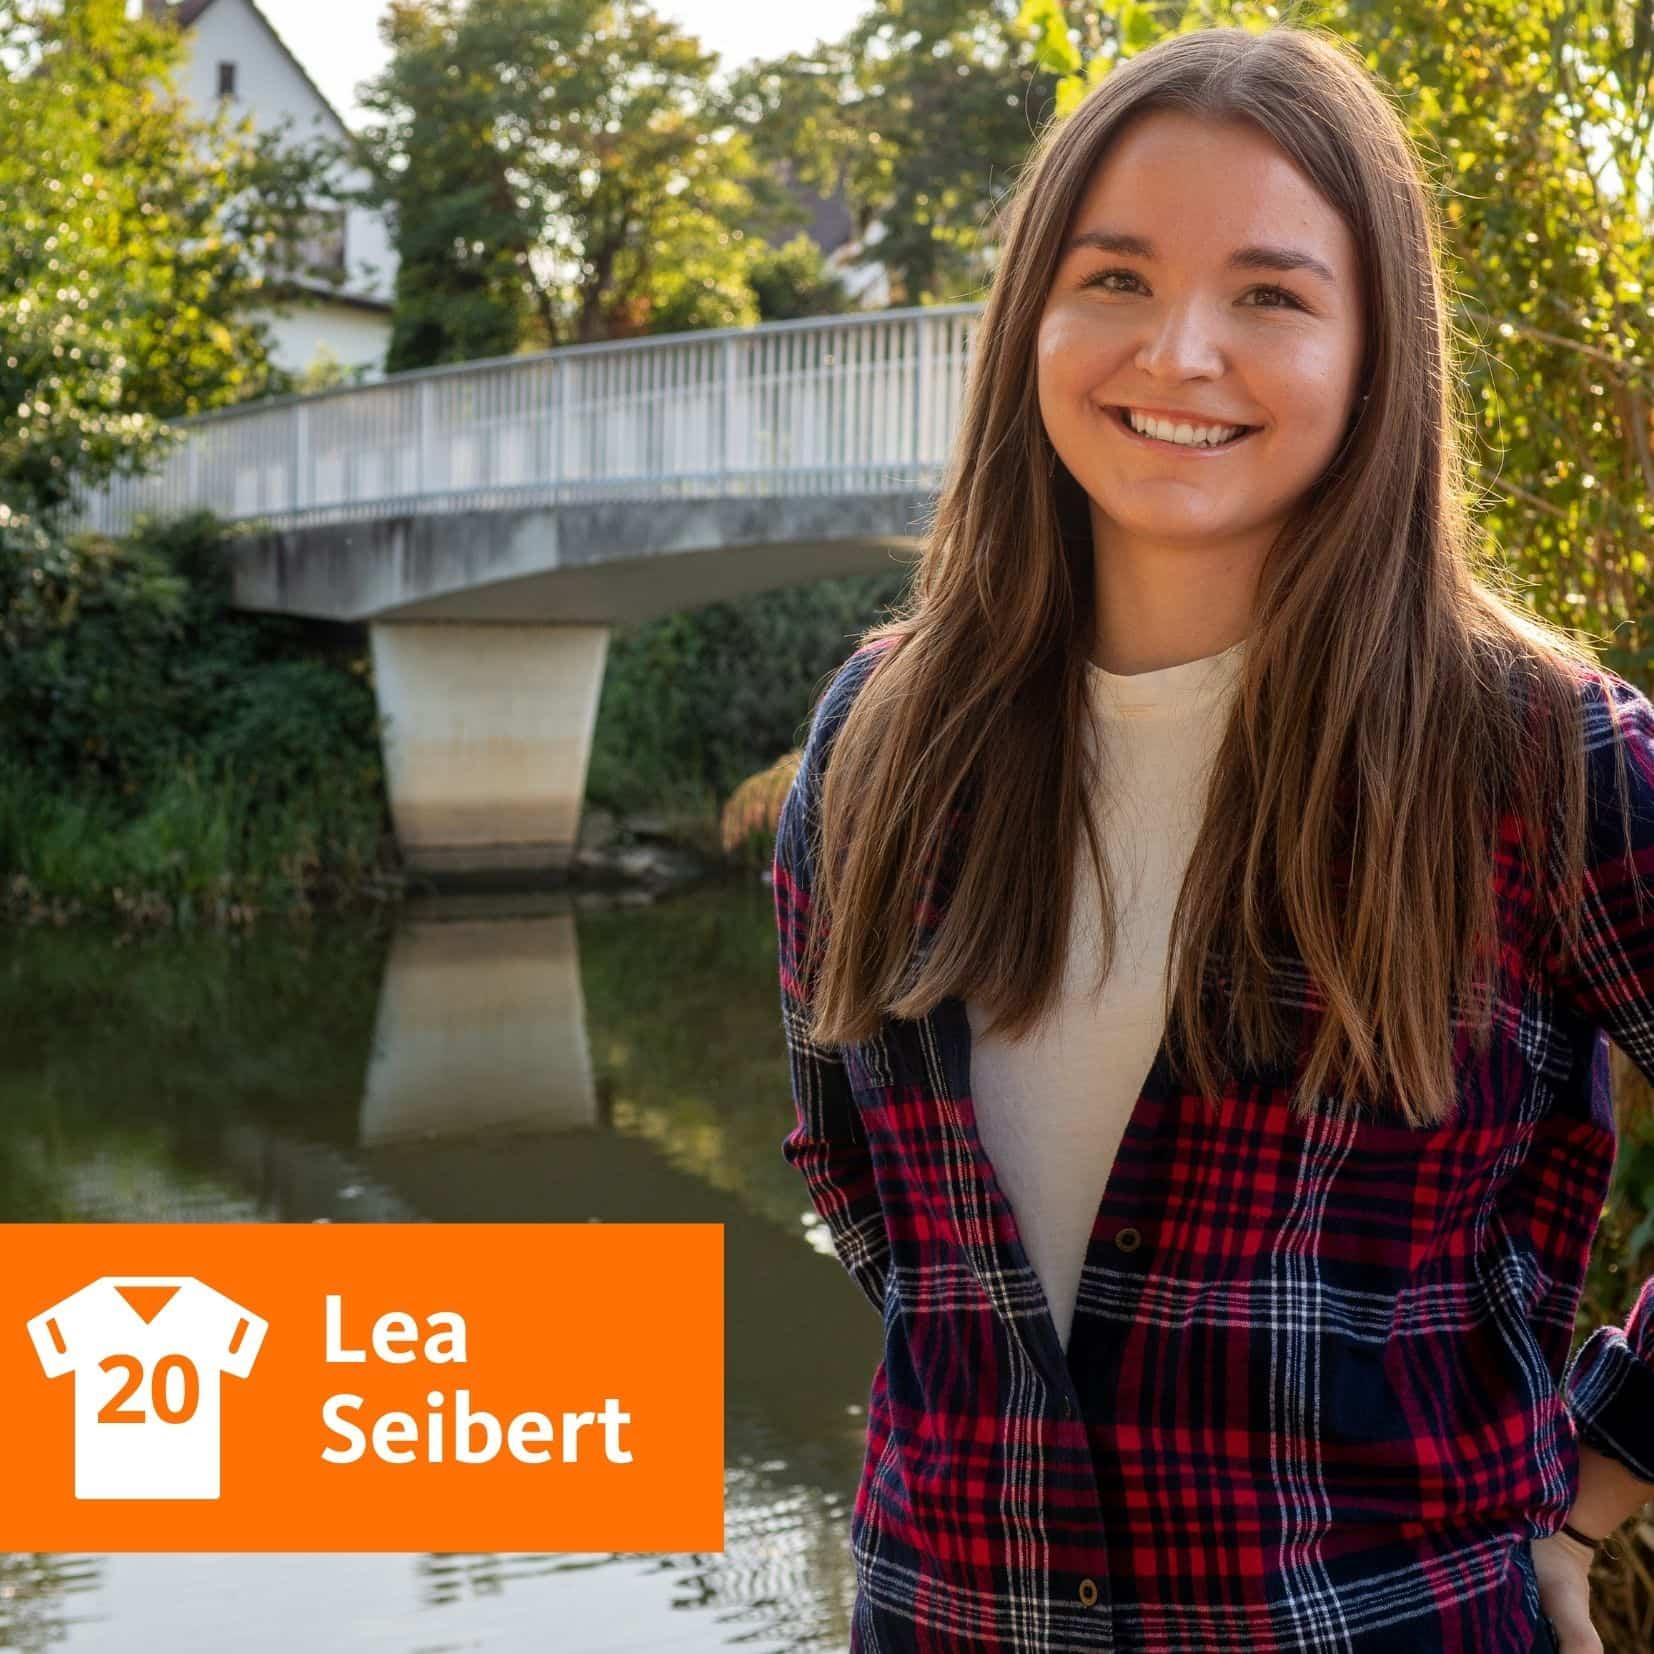 Lea Seibert